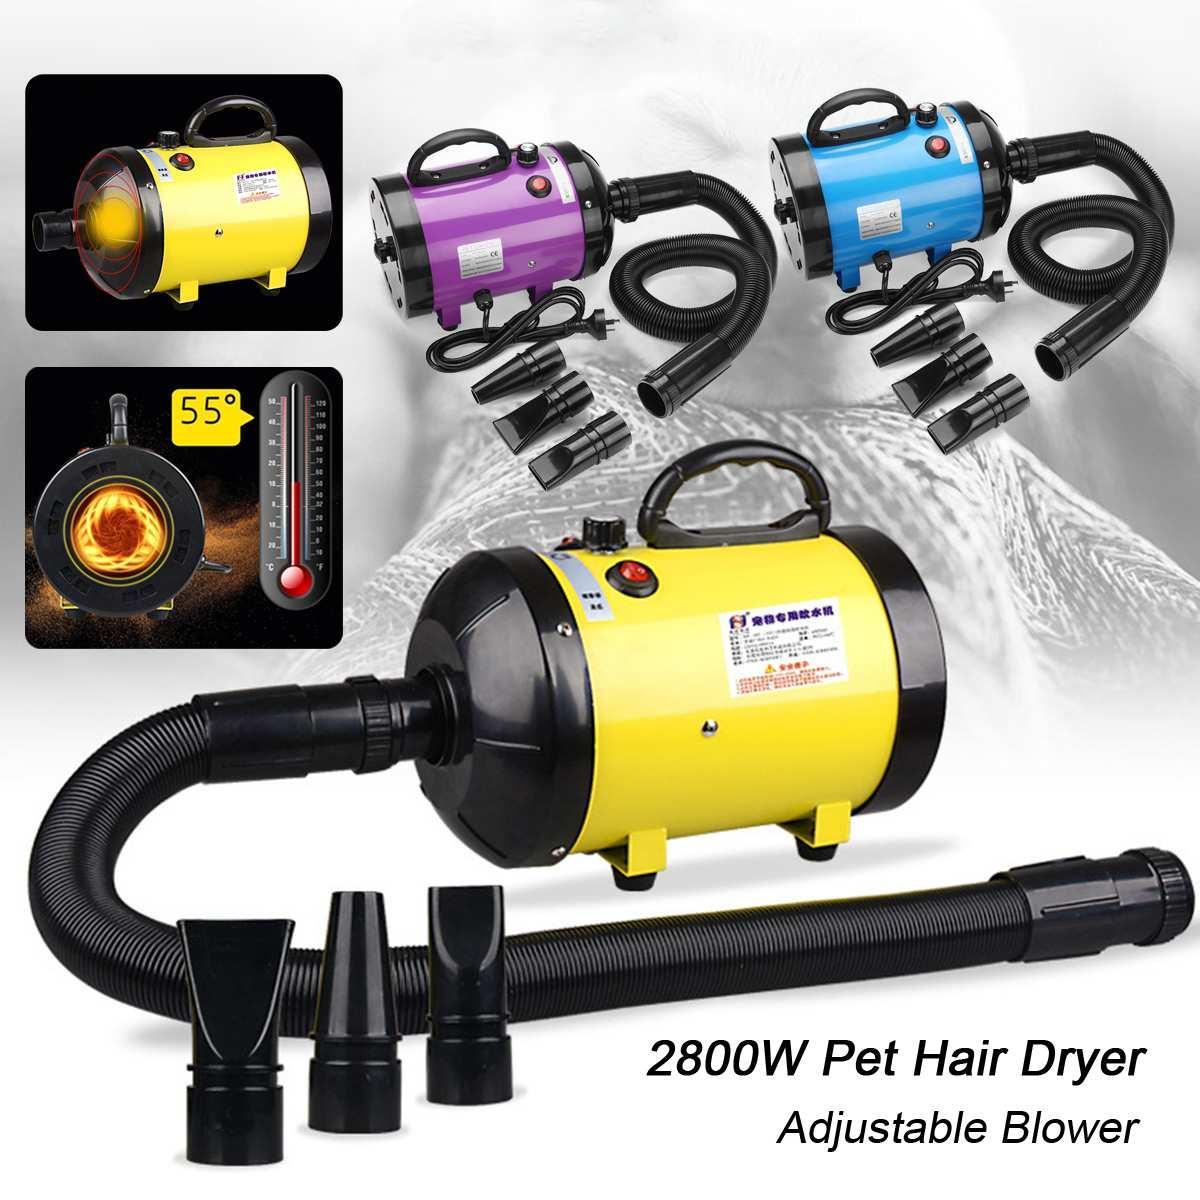 2800 Вт малошумный фен для волос для домашних животных, фен для ухода за котом, воздуходувка, нагреватель, регулируемая температура, воздуходу